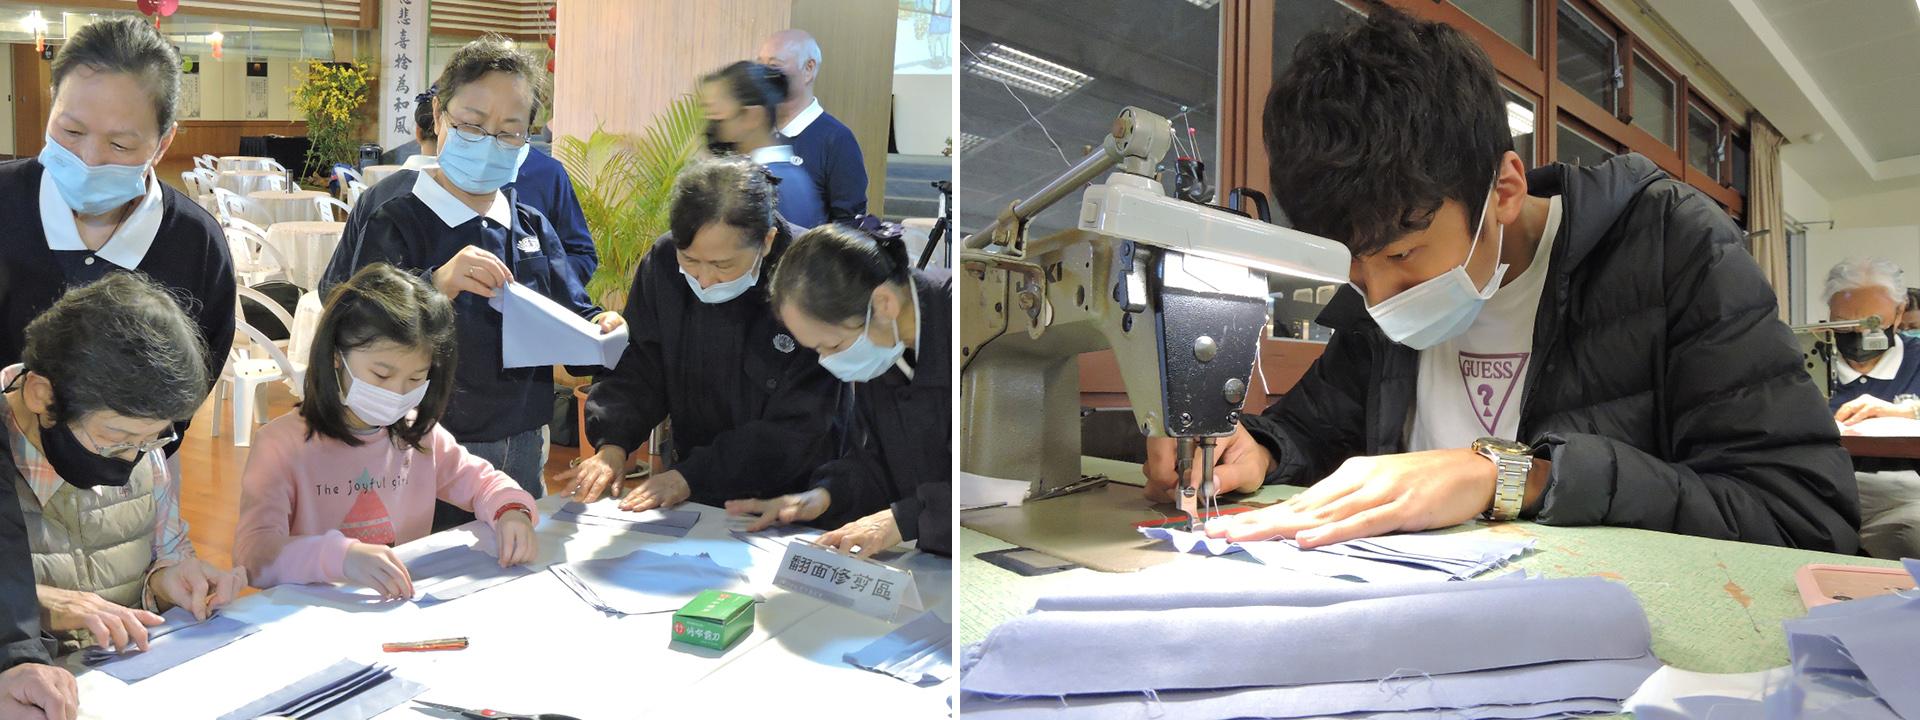 家住彰化、目前就讀虎尾科技大學二年級的廖浚頡(右圖),從沒有碰過裁縫的廖浚頡,主動承擔「車縫區」。